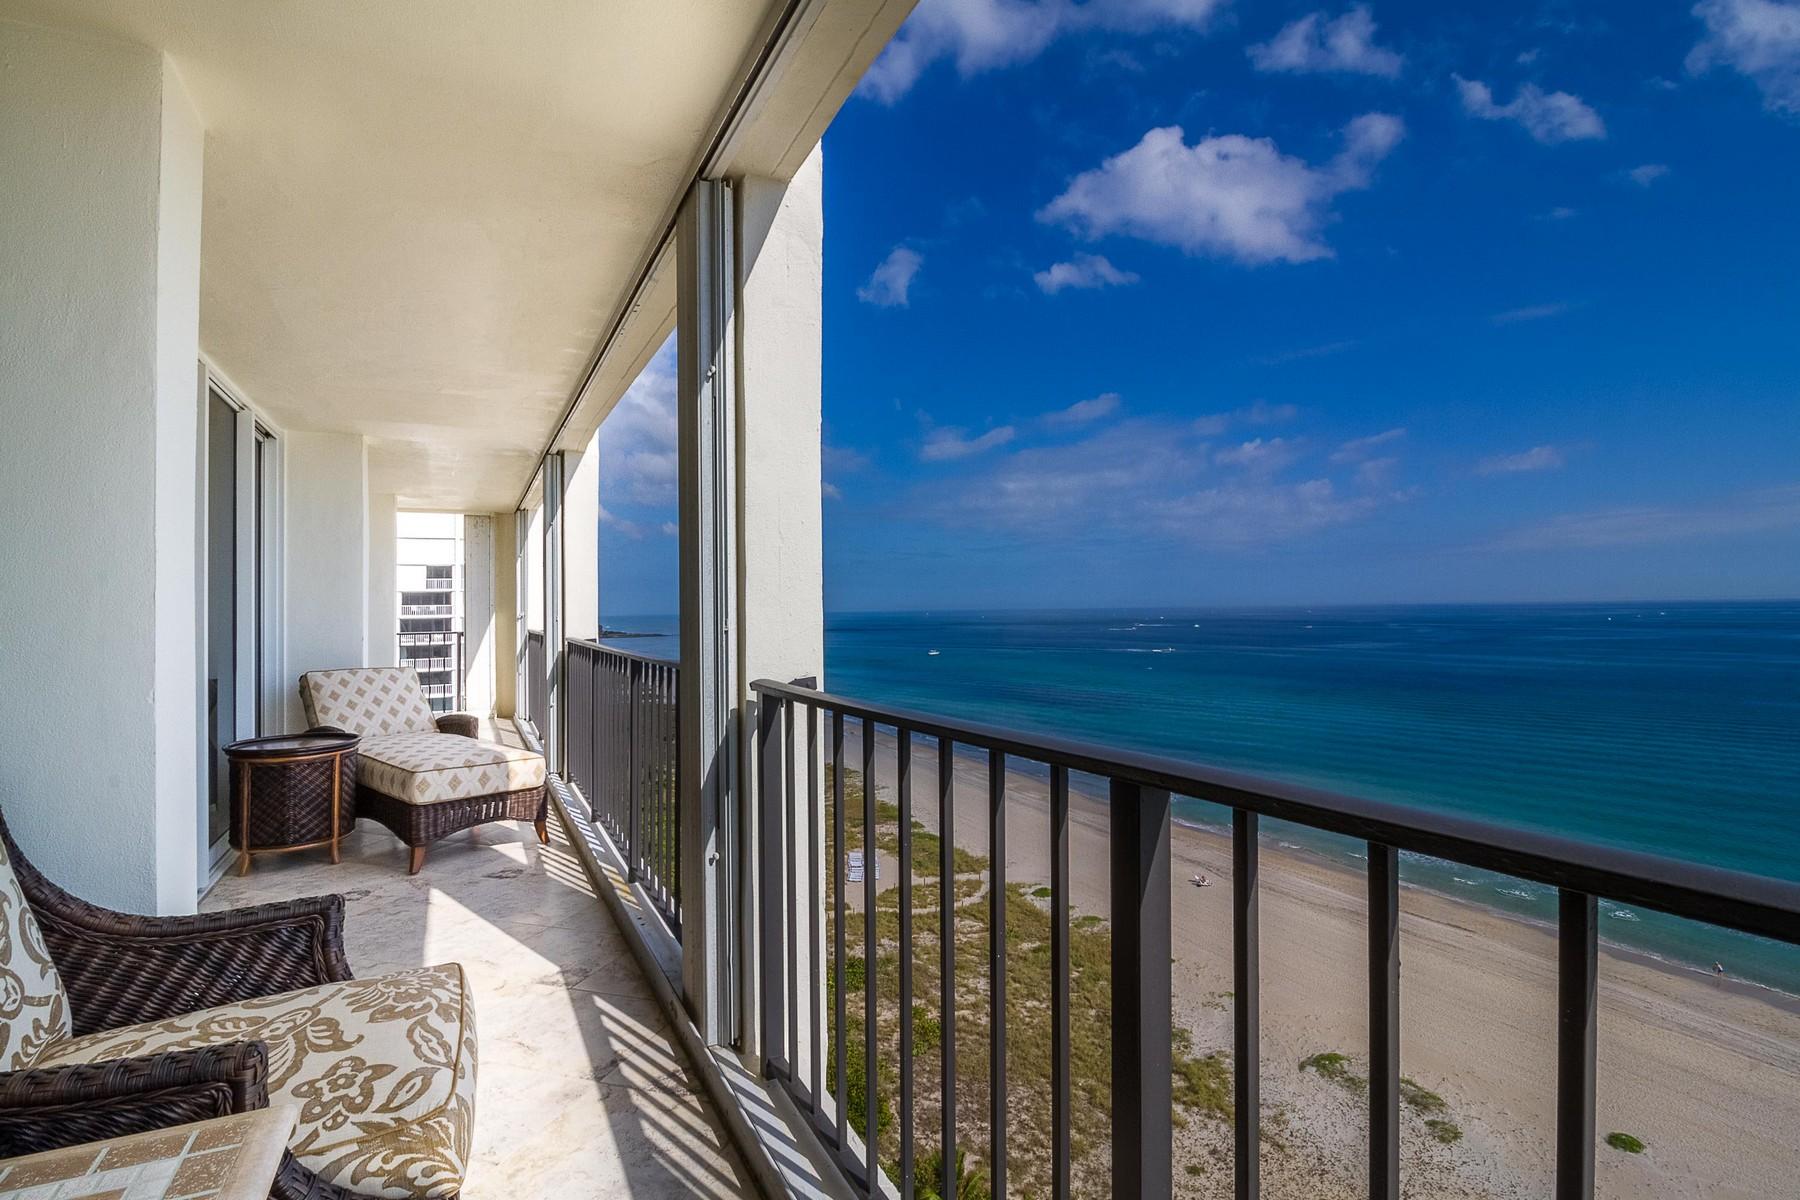 共管物業 為 出售 在 2800 S Ocean Blvd , 14a, Boca Raton, FL 33432 2800 S Ocean Blvd 14a Boca Raton, 佛羅里達州, 33432 美國